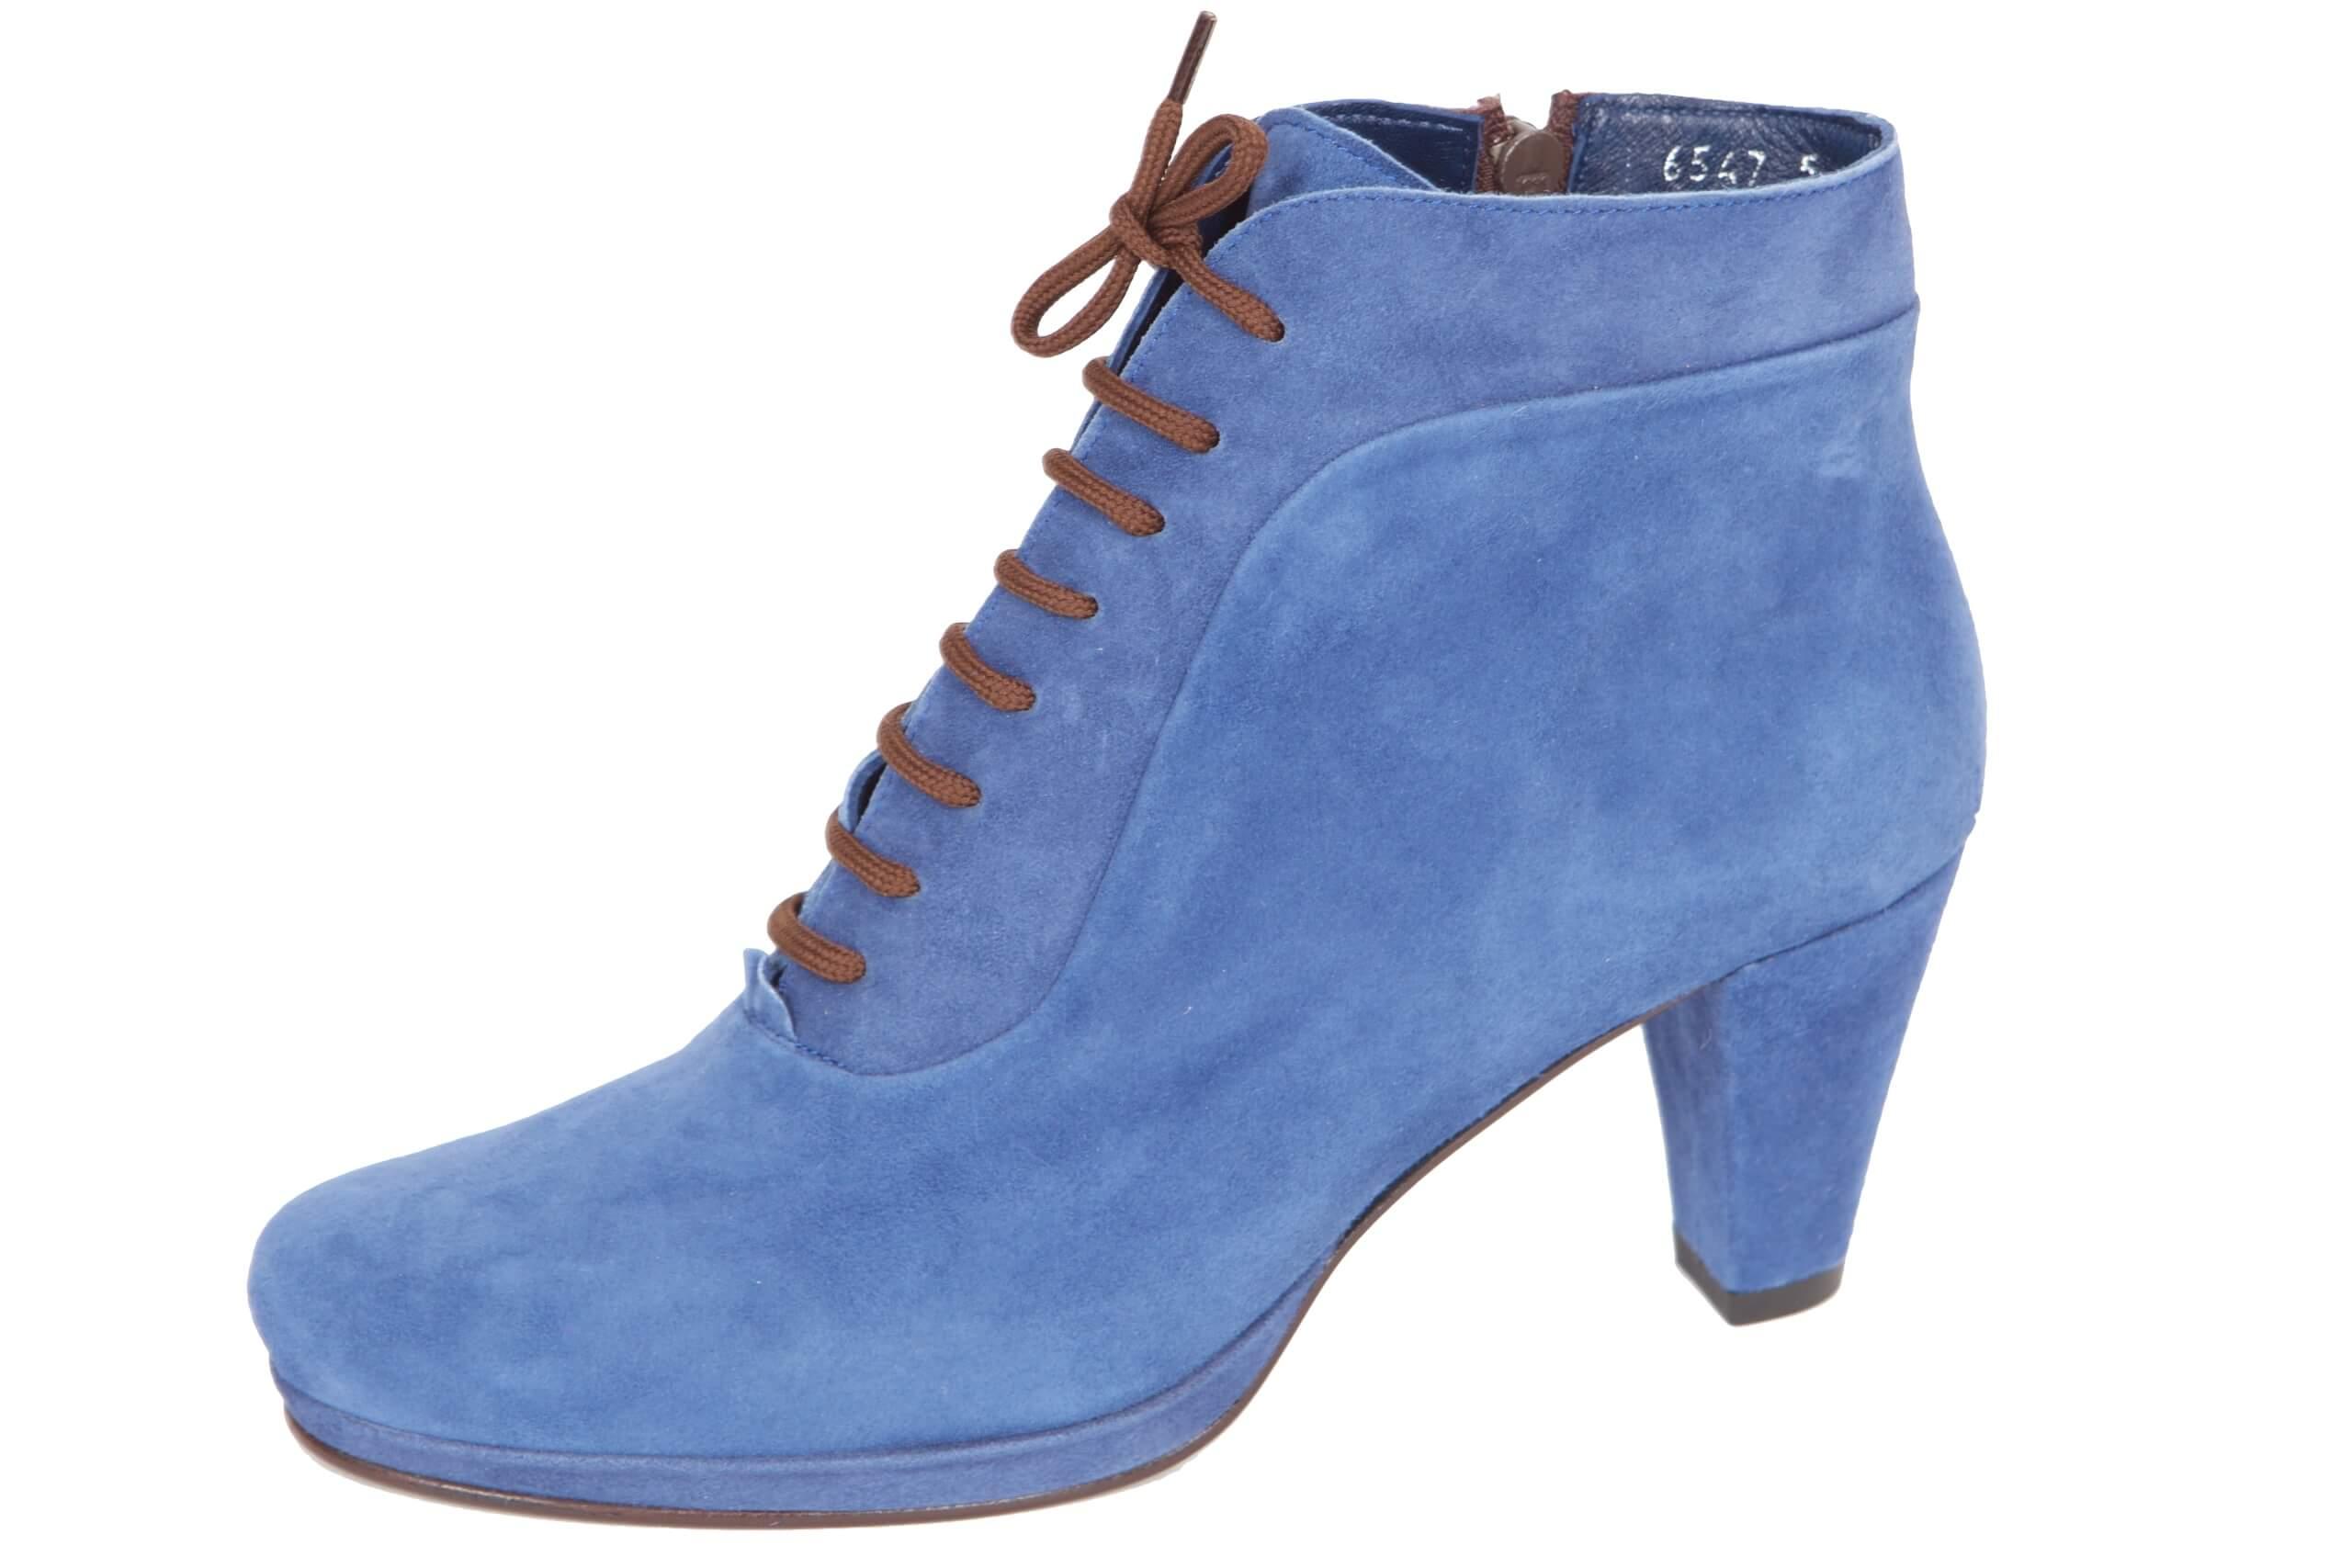 lowest price 8b650 f4b28 1949-2 Damen Trachtenstiefeletten Samtziege azurblau